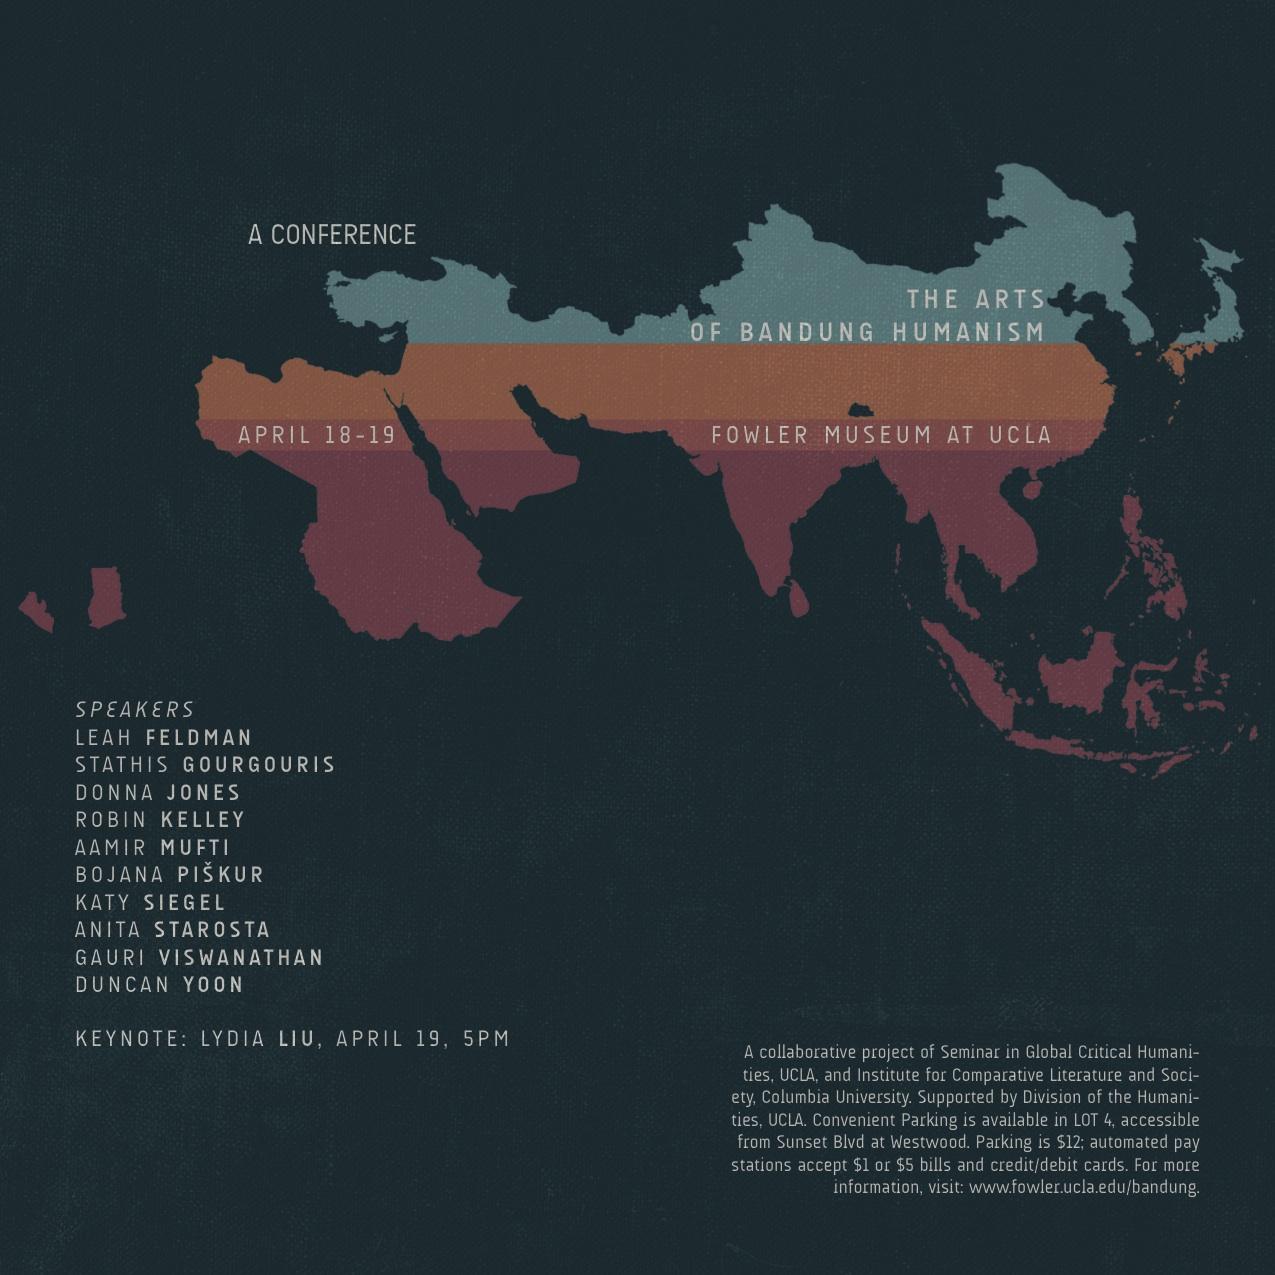 Arts of Bandung Humanism